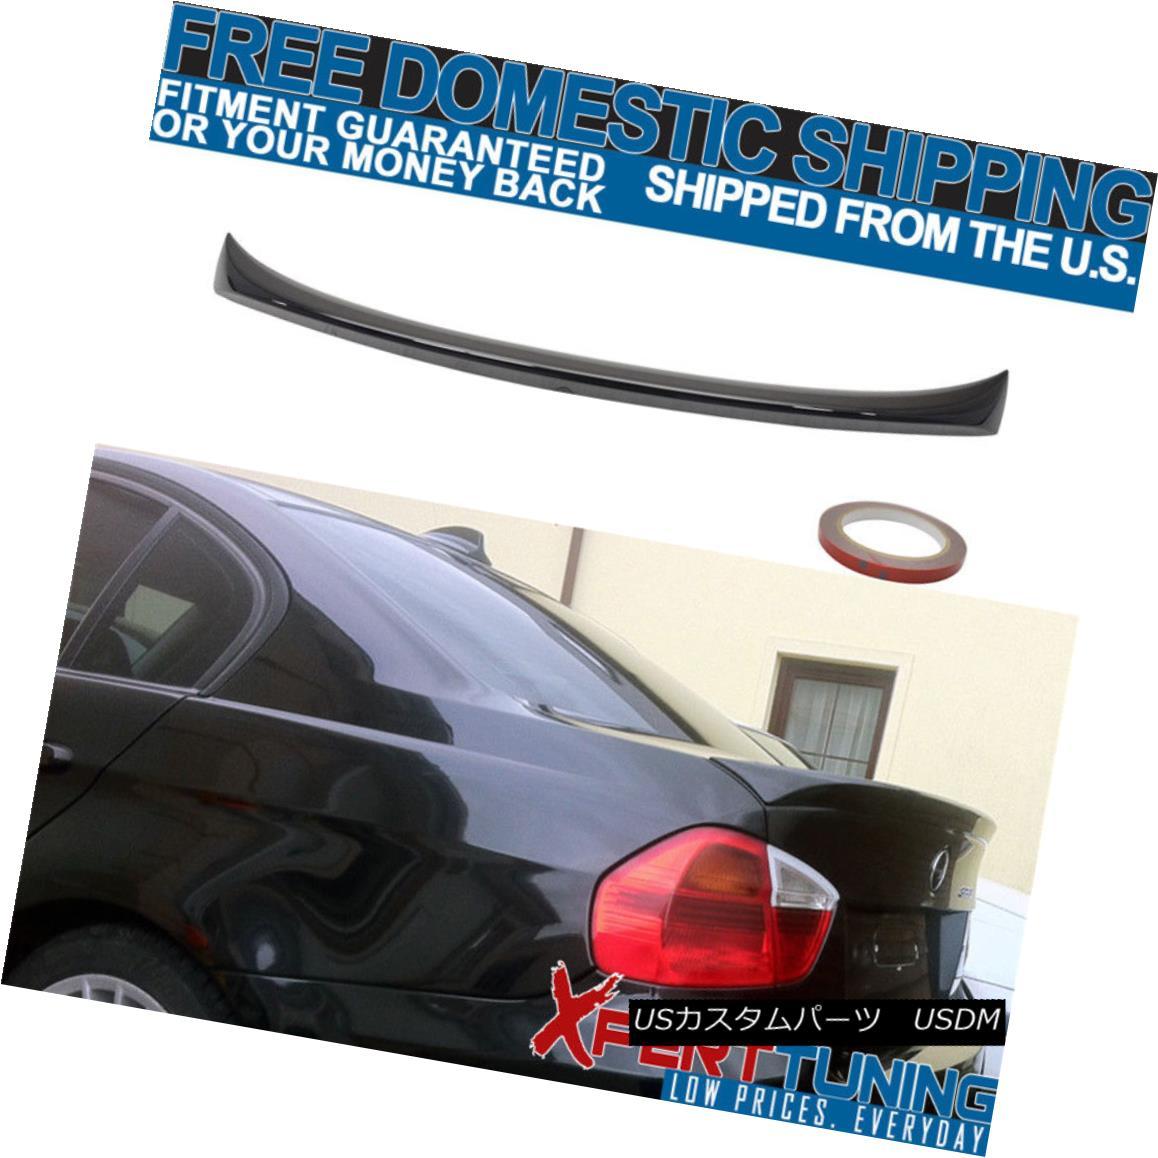 エアロパーツ Fit For 06-11 BMW 3 Series E90 4D OE Style Jet Black # 668 Painted Trunk Spoiler BMW 3シリーズE90 4D OEスタイルジェットブラック#668塗装トランクスポイラー